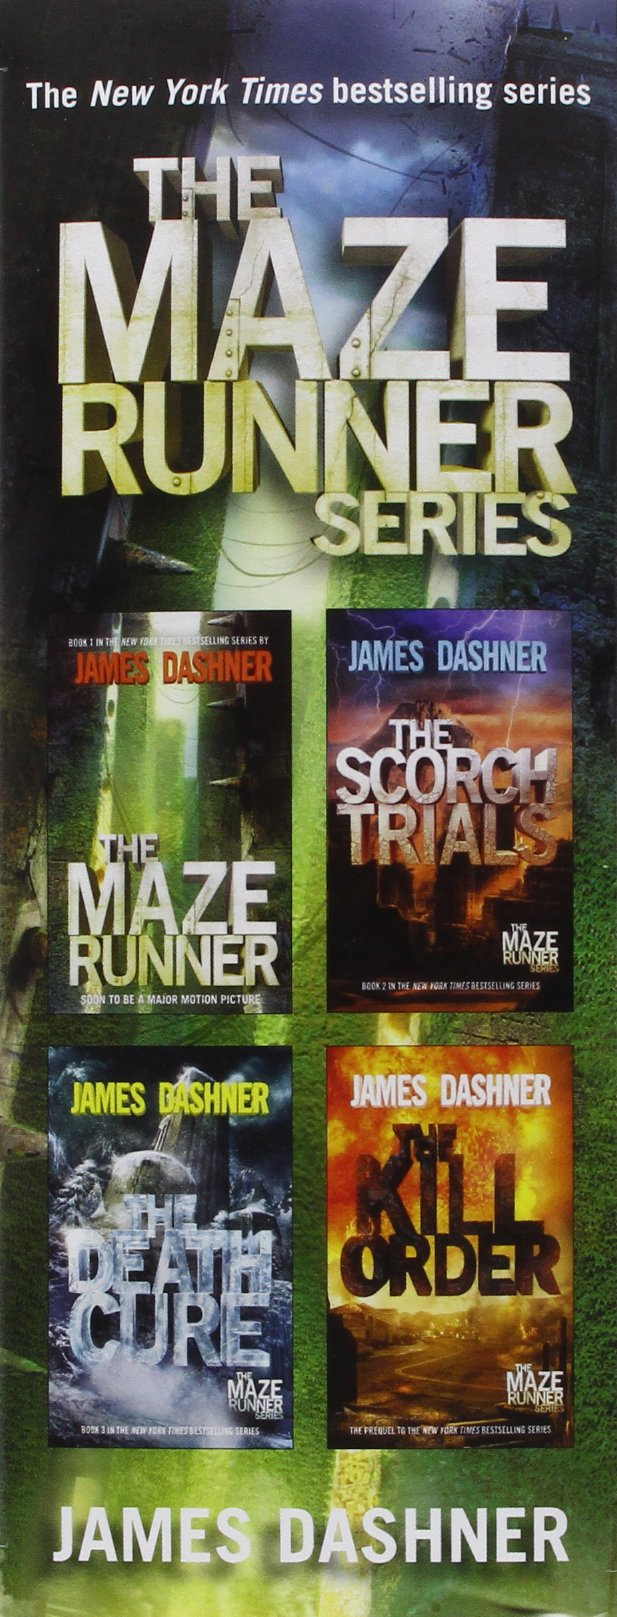 Amazon: The Maze Runner Series (maze Runner) (8601411293238): James  Dashner: Books